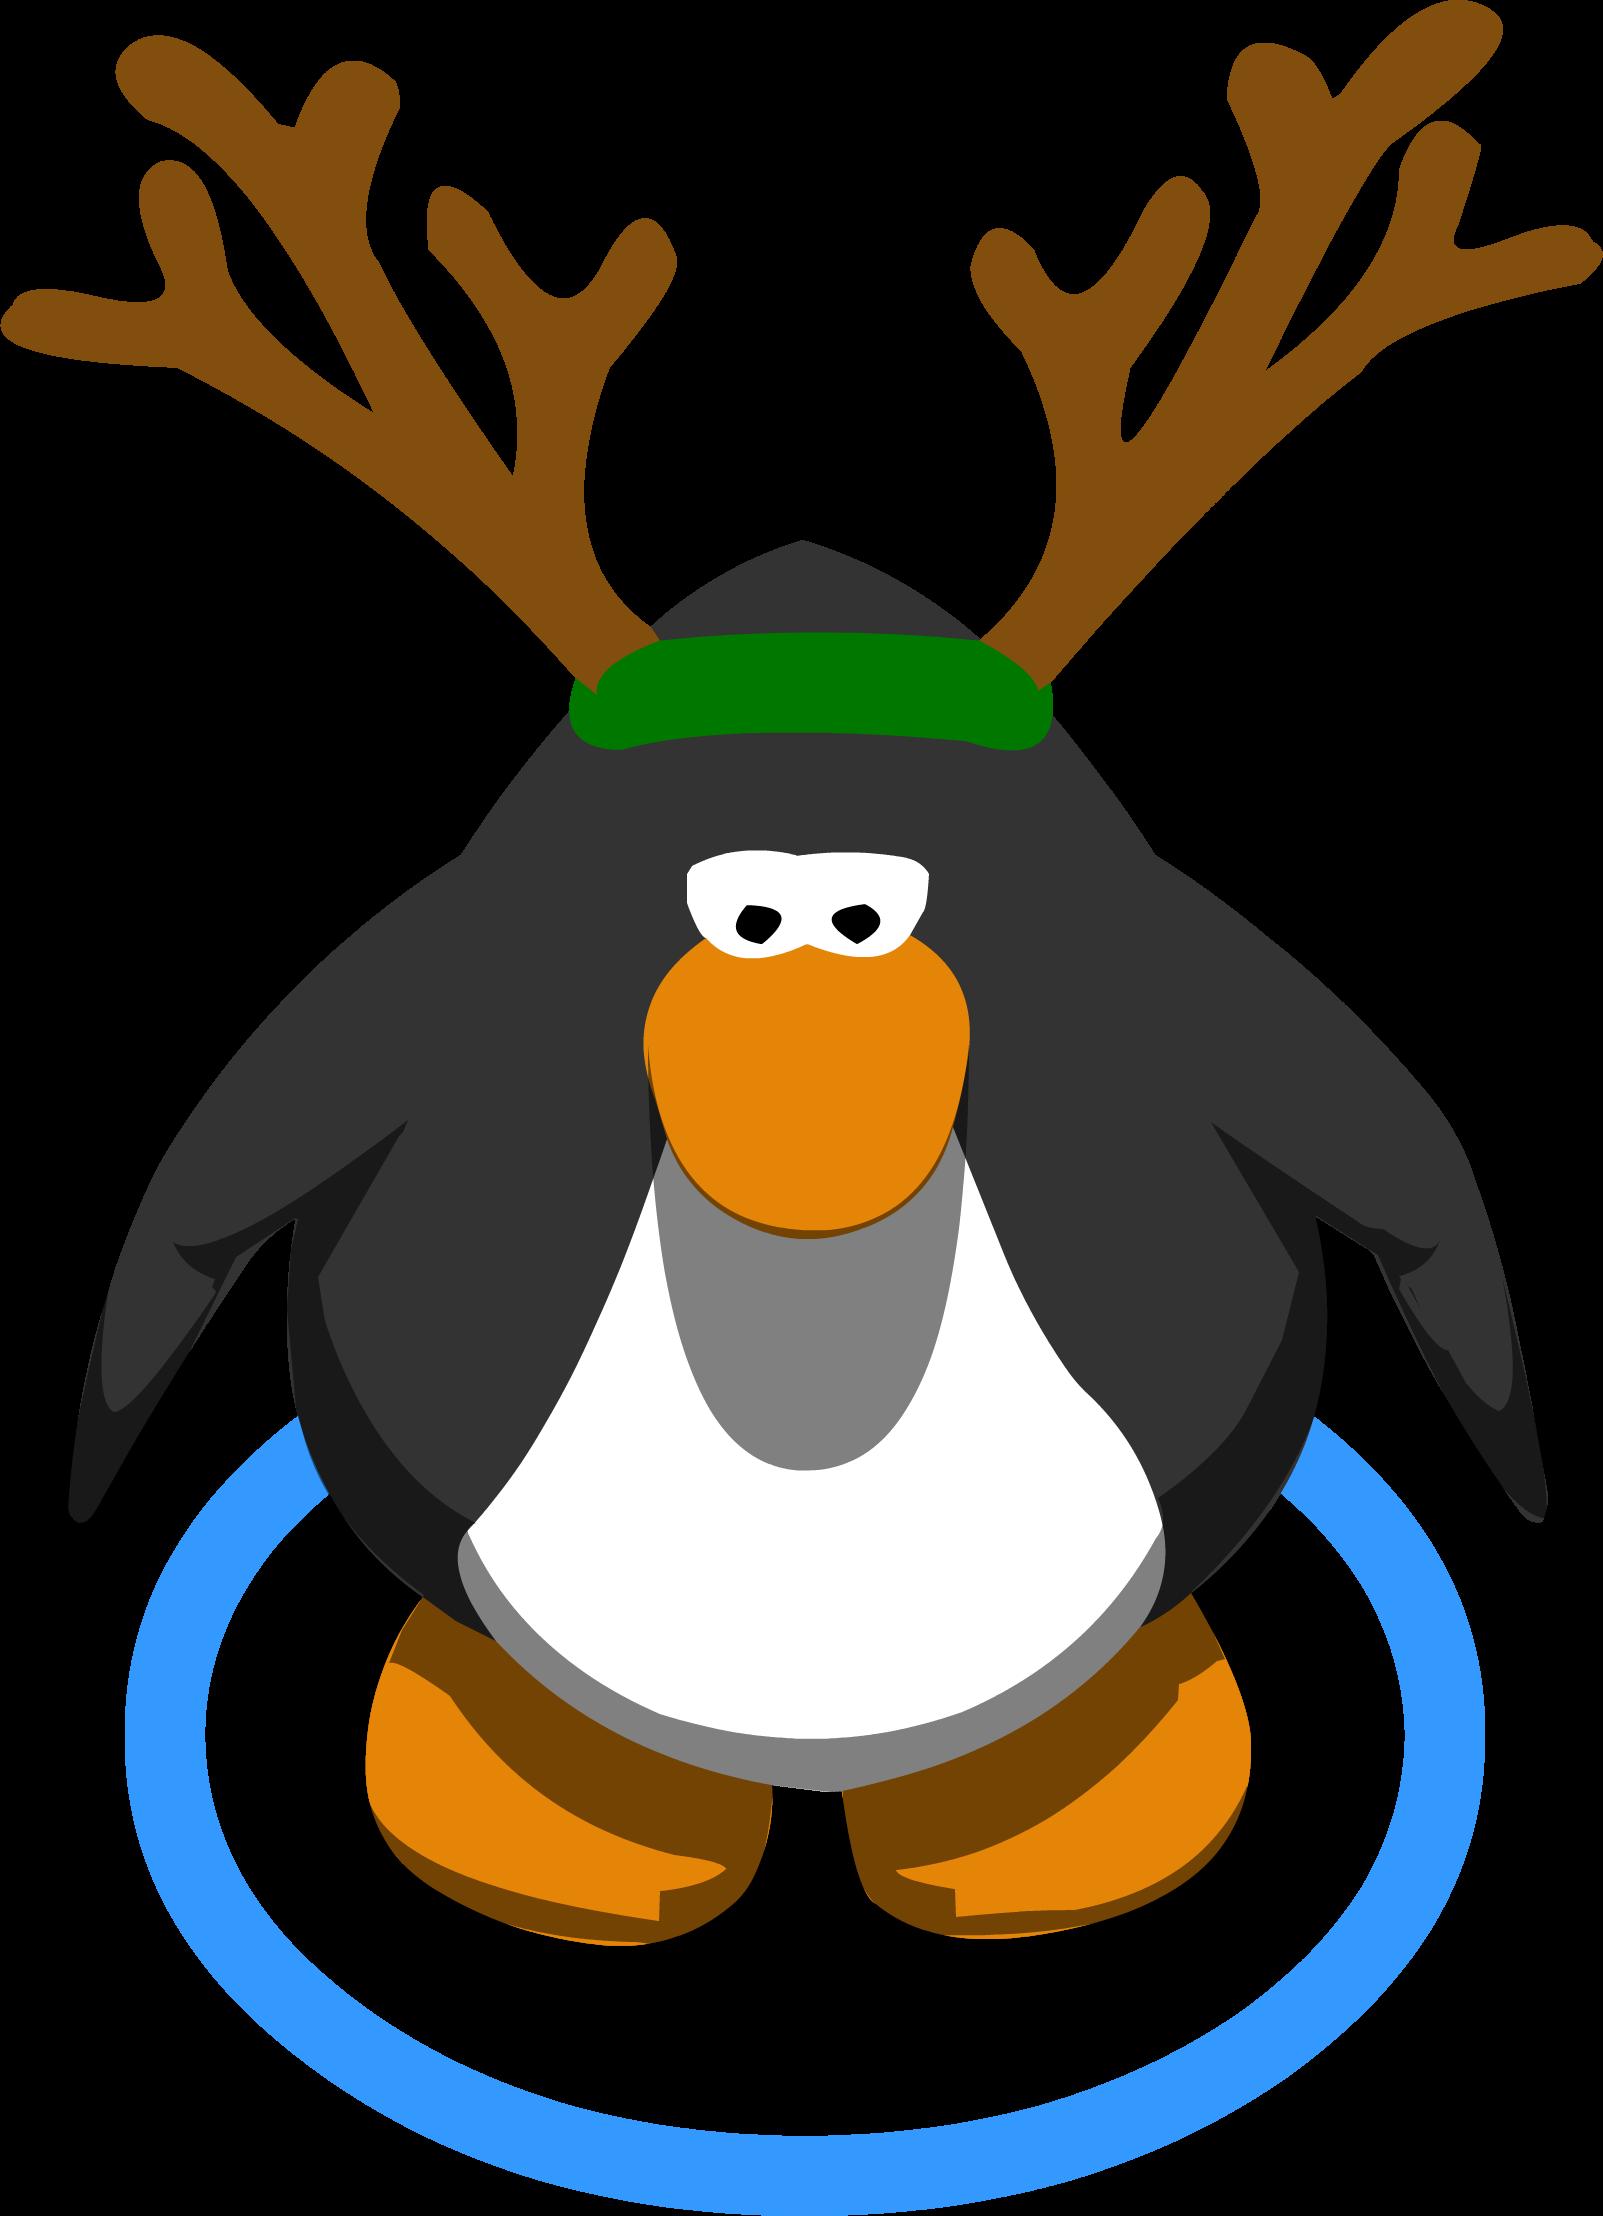 File:Reindeer Antlers in-game.png